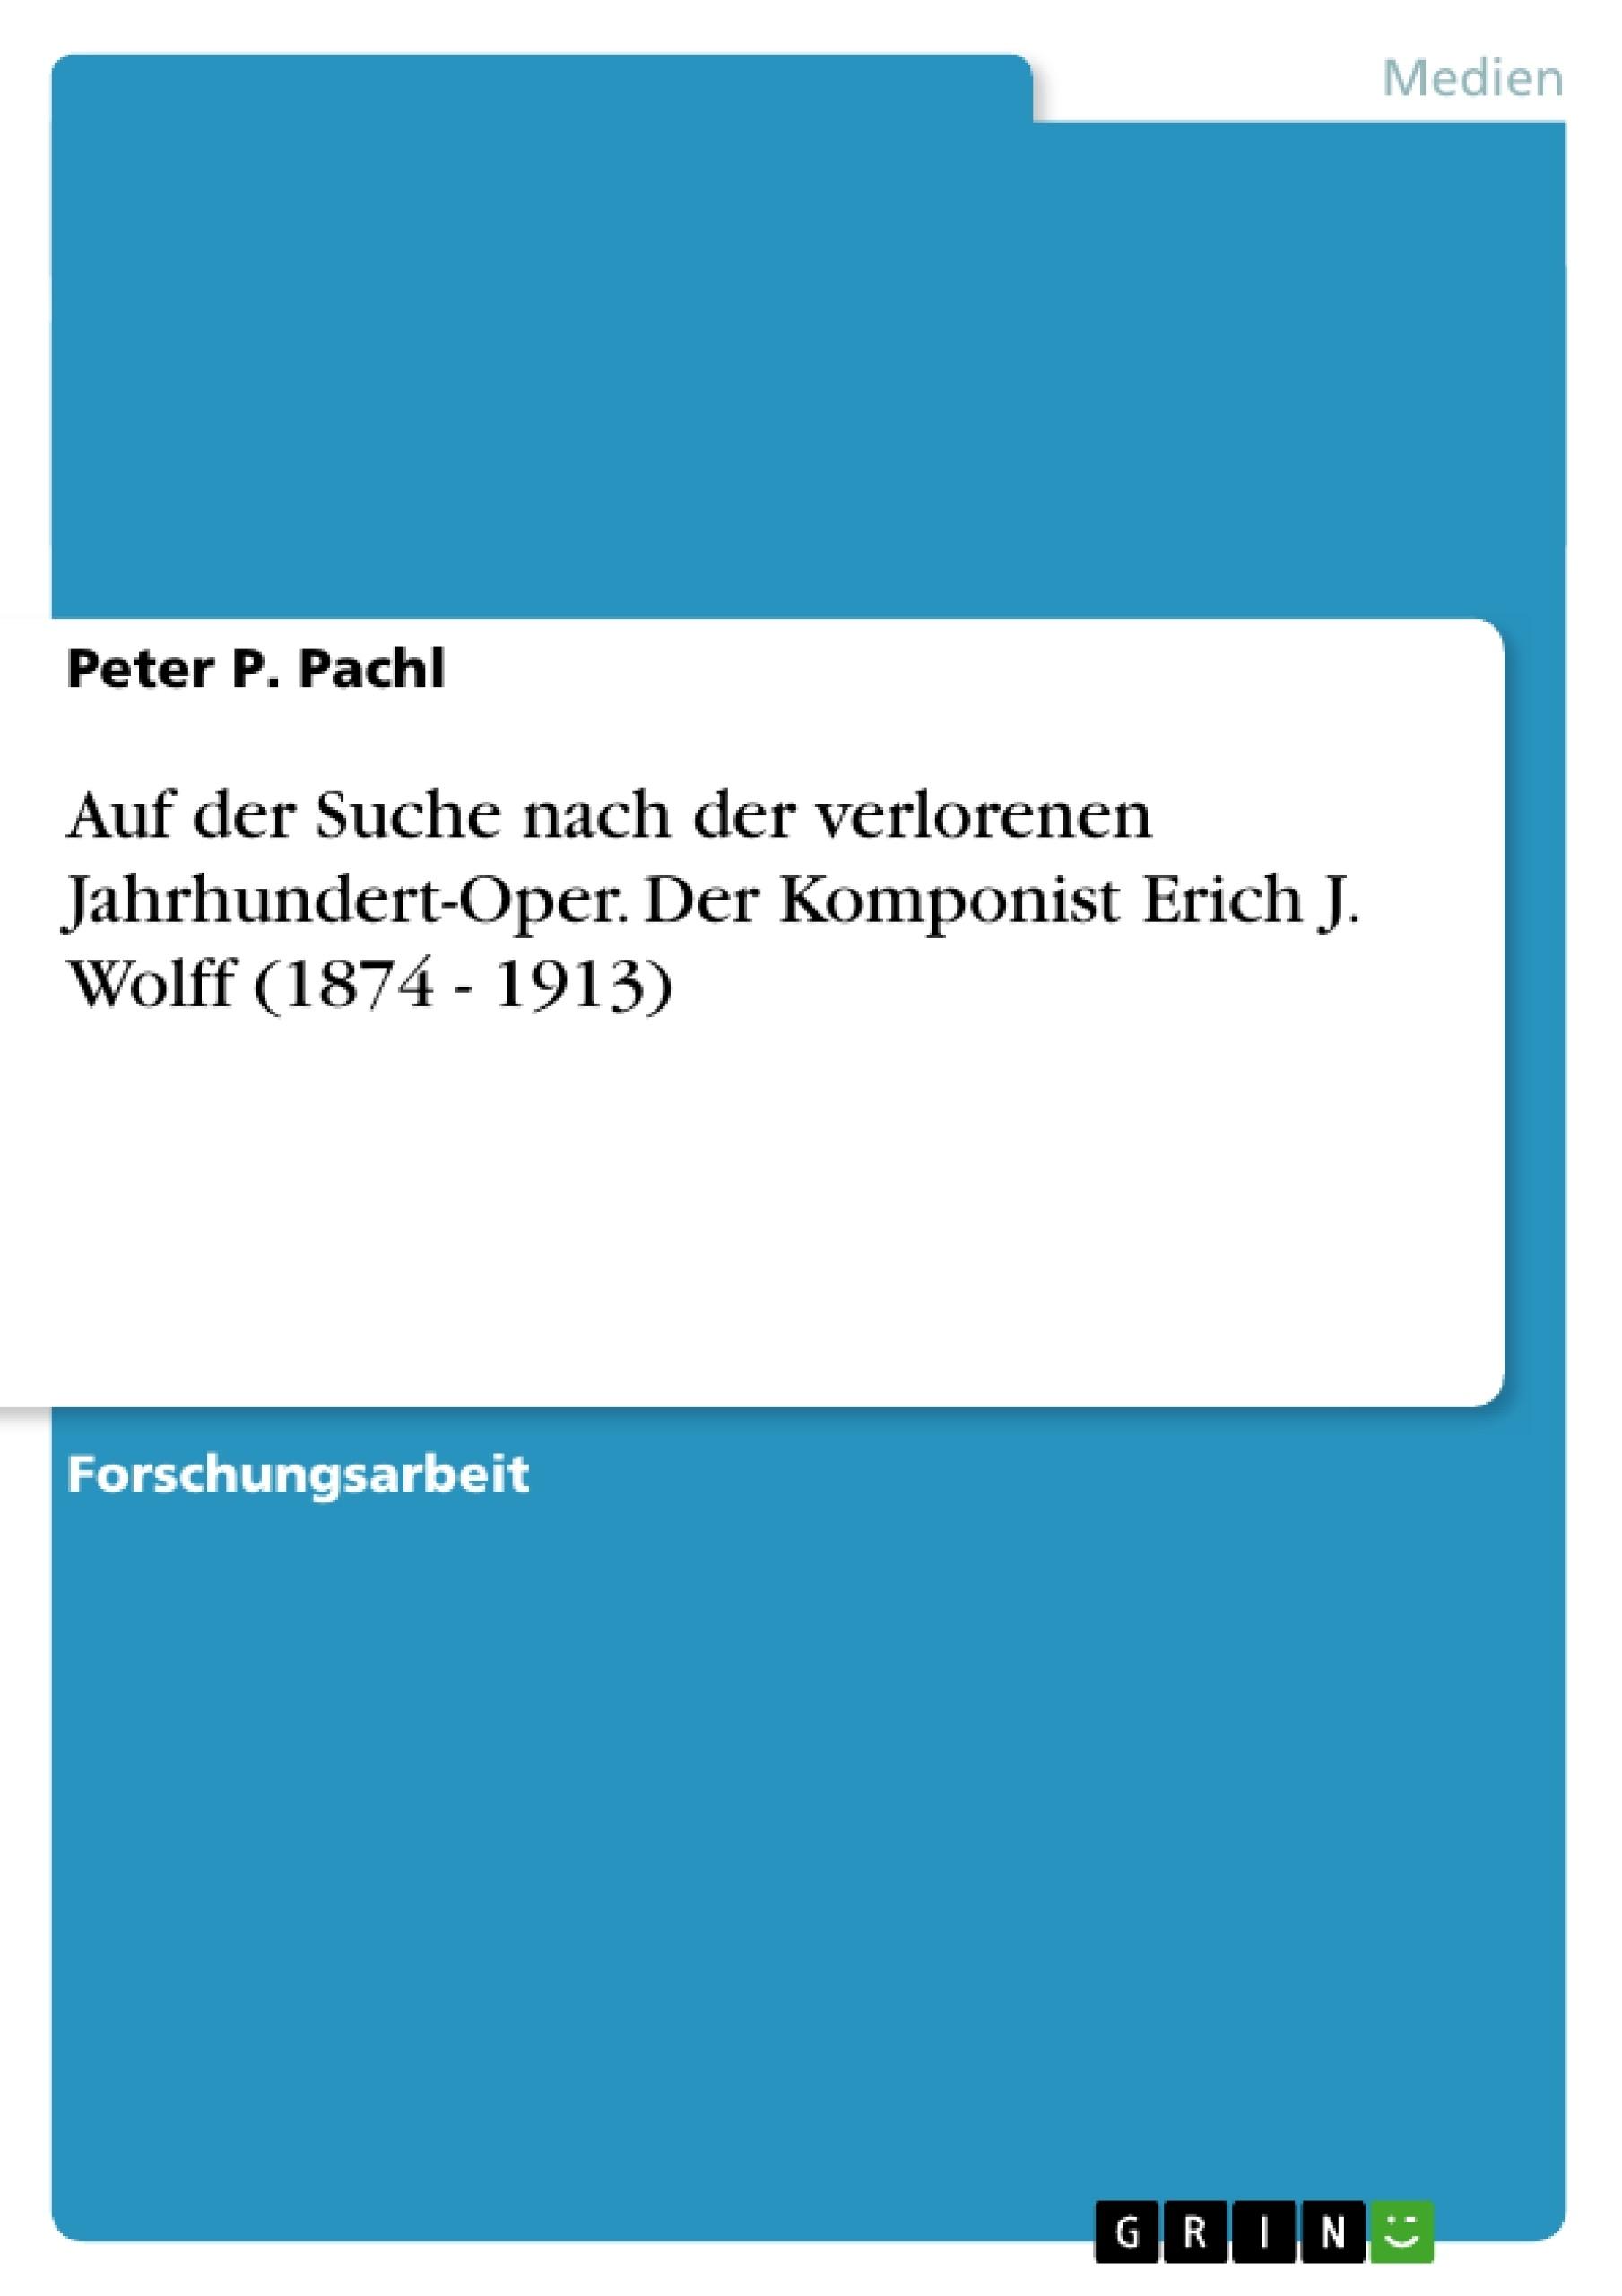 Titel: Auf der Suche nach der verlorenen Jahrhundert-Oper. Der Komponist Erich J. Wolff (1874 - 1913)